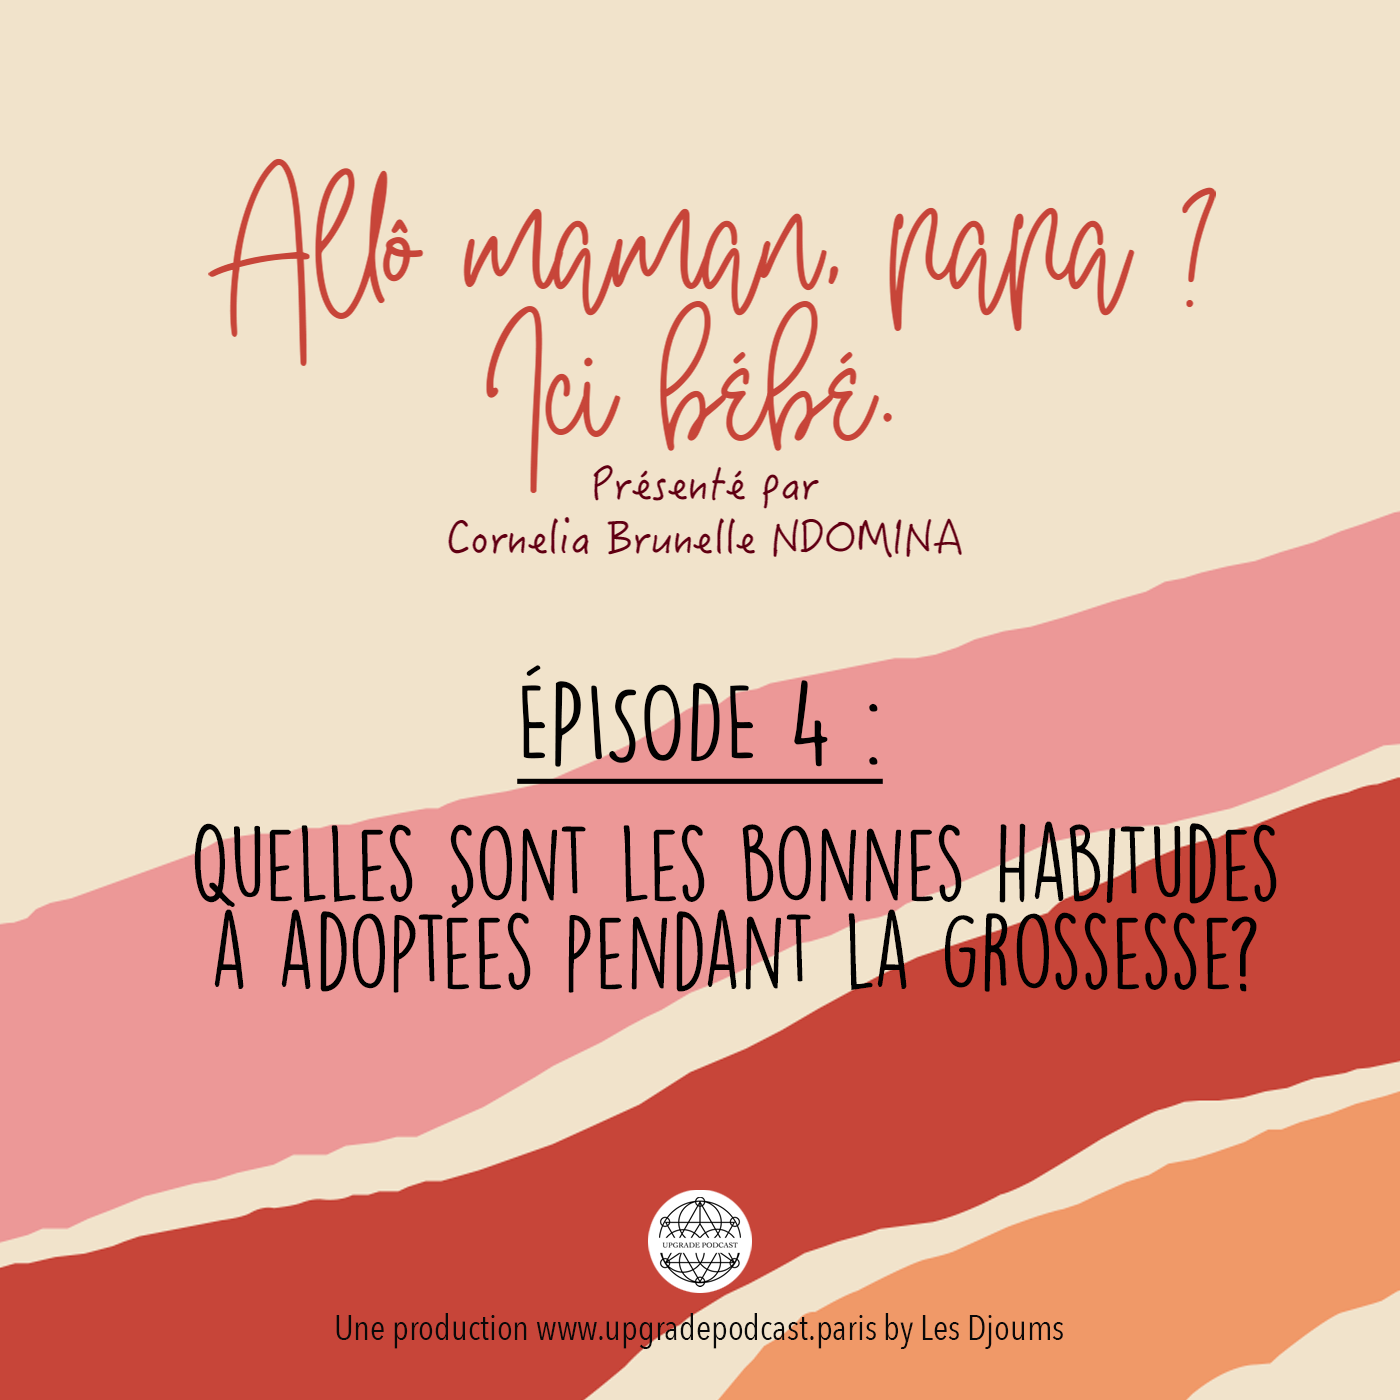 Episode 4: Quelles sont les bonnes habitudes à adoptées pendant la grossesse ?